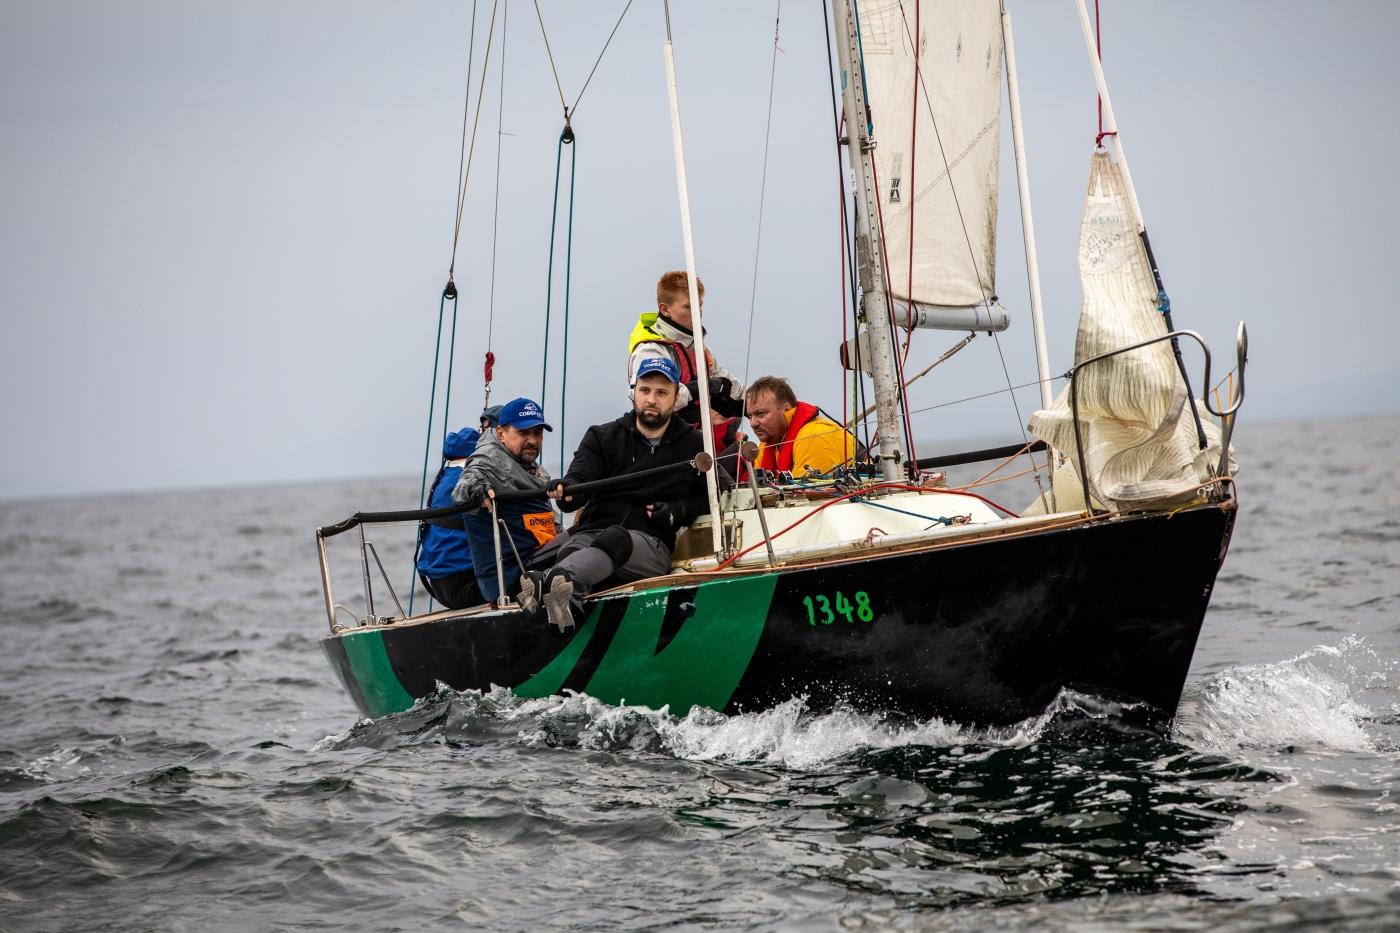 Кубок Владивостока по парусному спорту. Участвуют яхты классов «Platu 25» и «Конрад 25P»